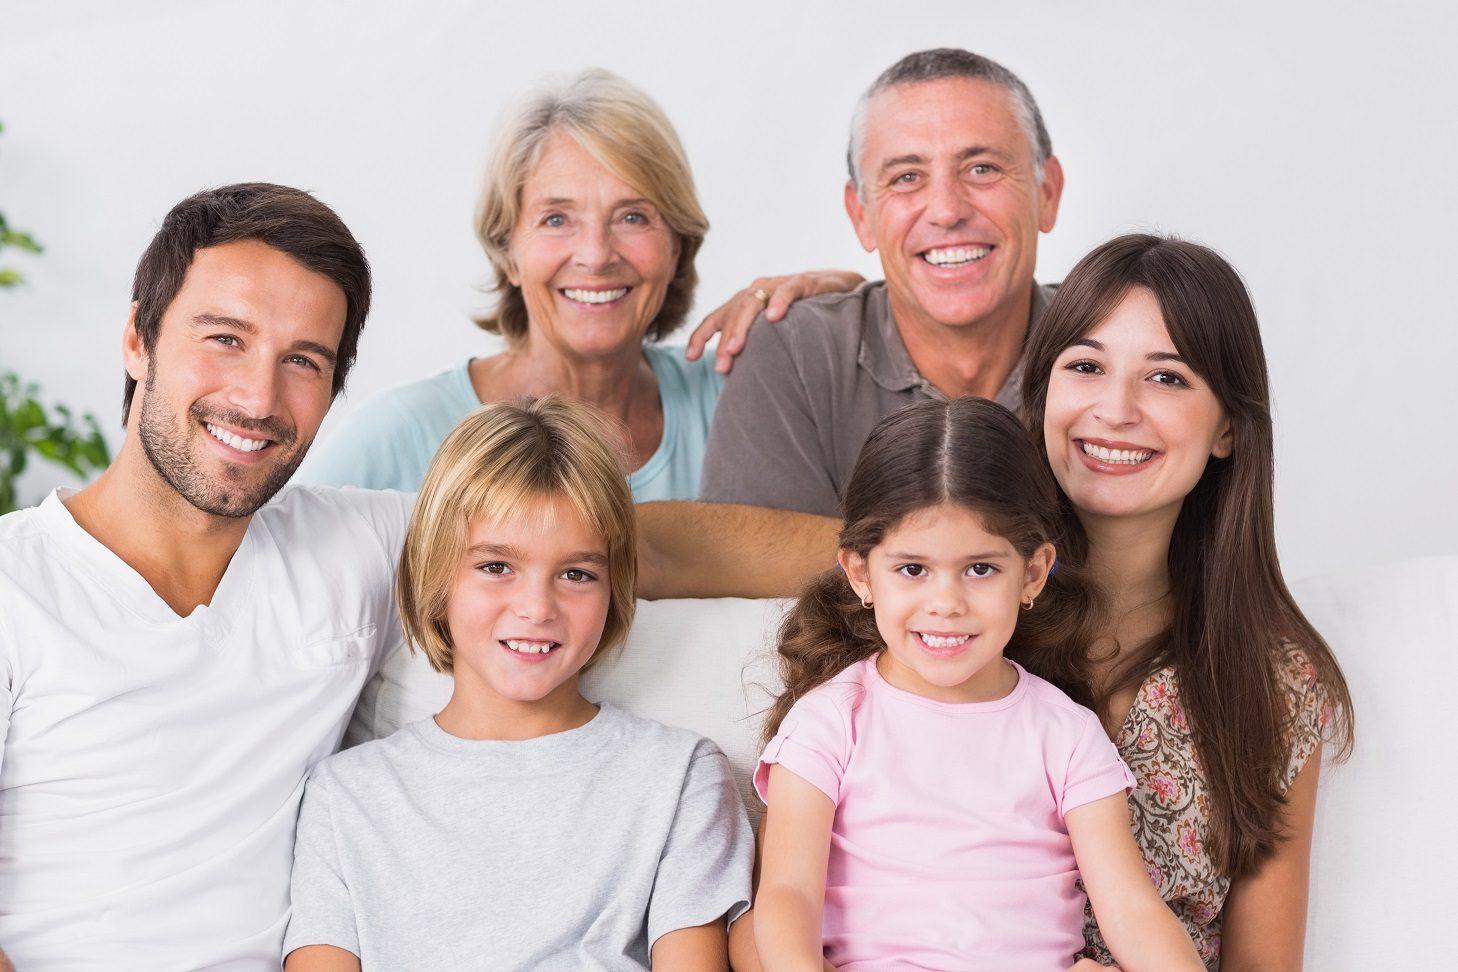 salud dental para todas las edades, dentista boadilla, clínica dental boadilla, odontólogo boadilla, odontología boadilla, salud oral boadilla, revisión dental boadilla, higiene oral boadilla, limpieza dental boadilla, sonrisa boadilla